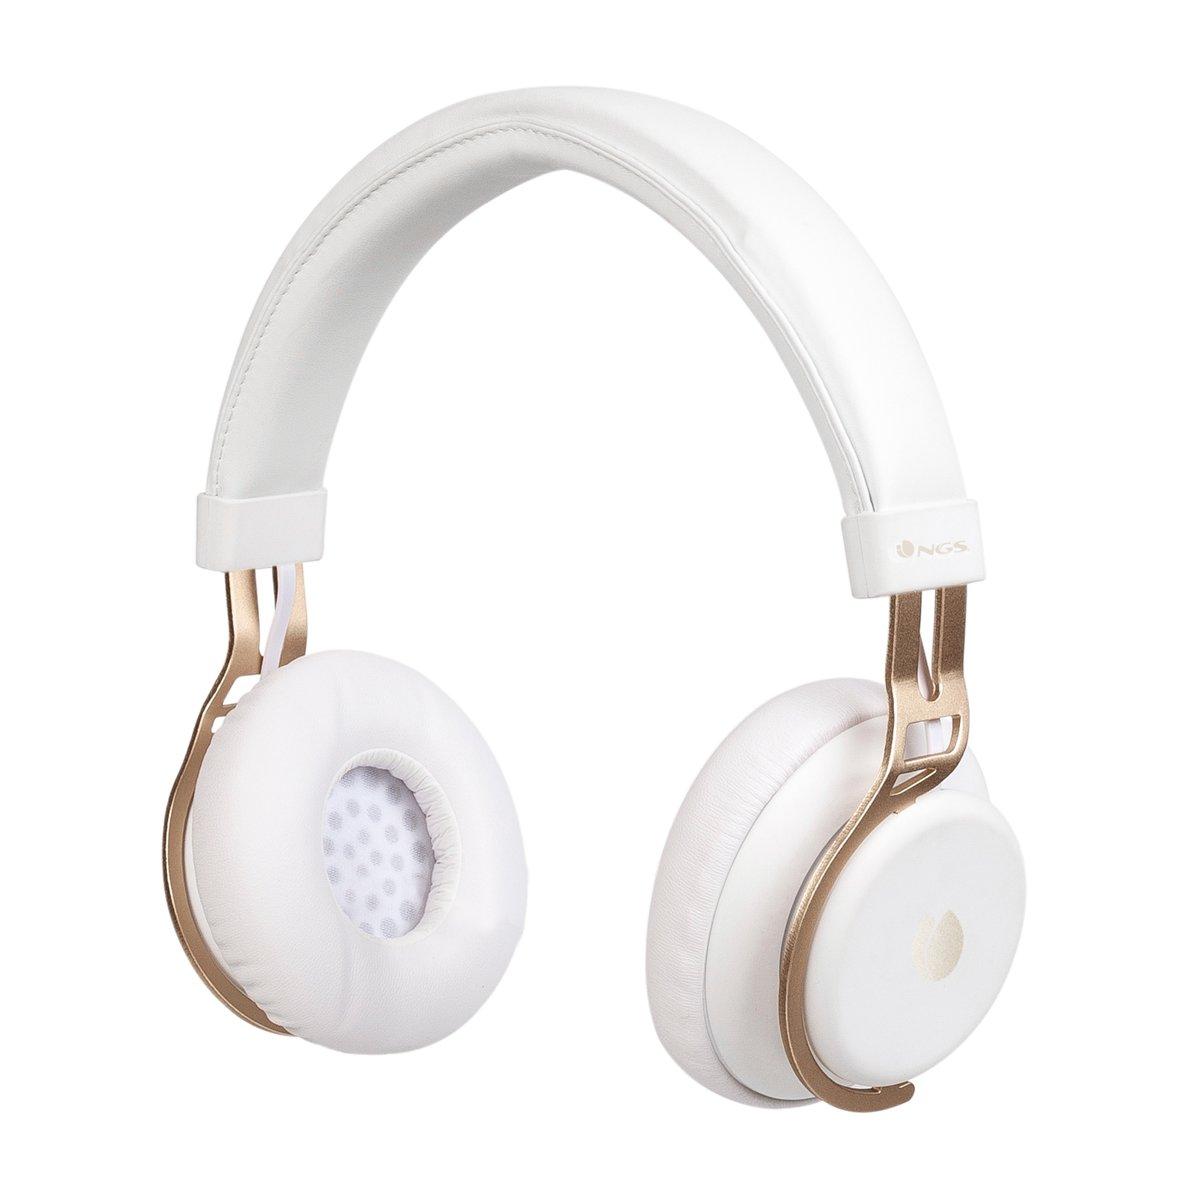 NGS Artica Lust - Draadloze koptelefoon / Wireless headphone - Blueooth kopen